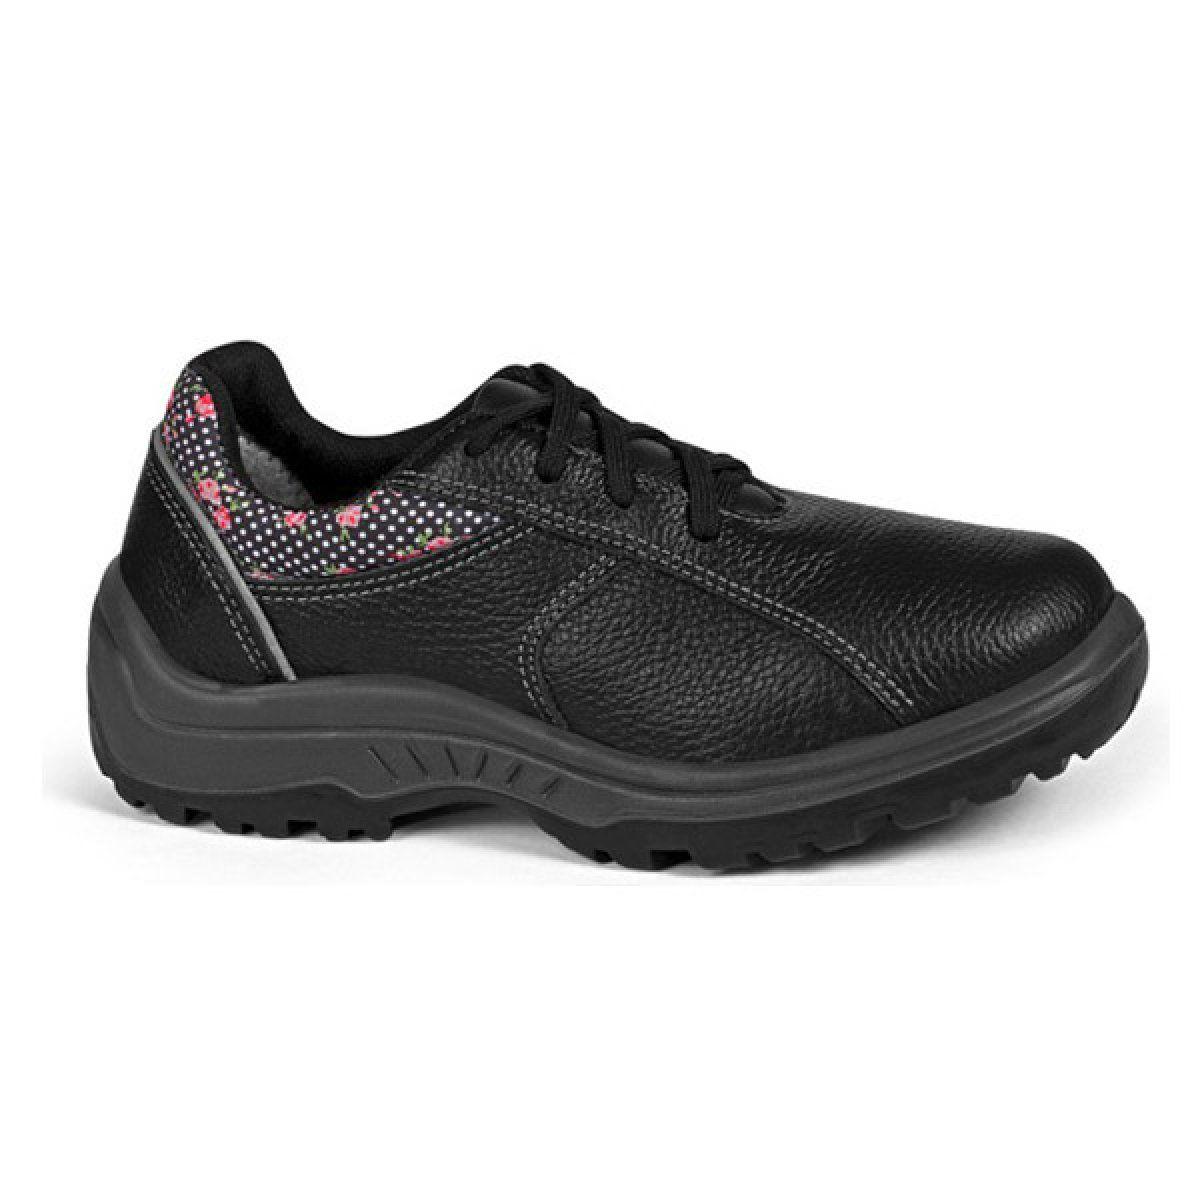 Sapato Feminino c/ Cadarço Bidensidade s/ Bico de Aço Preto N°35 - BRACOL